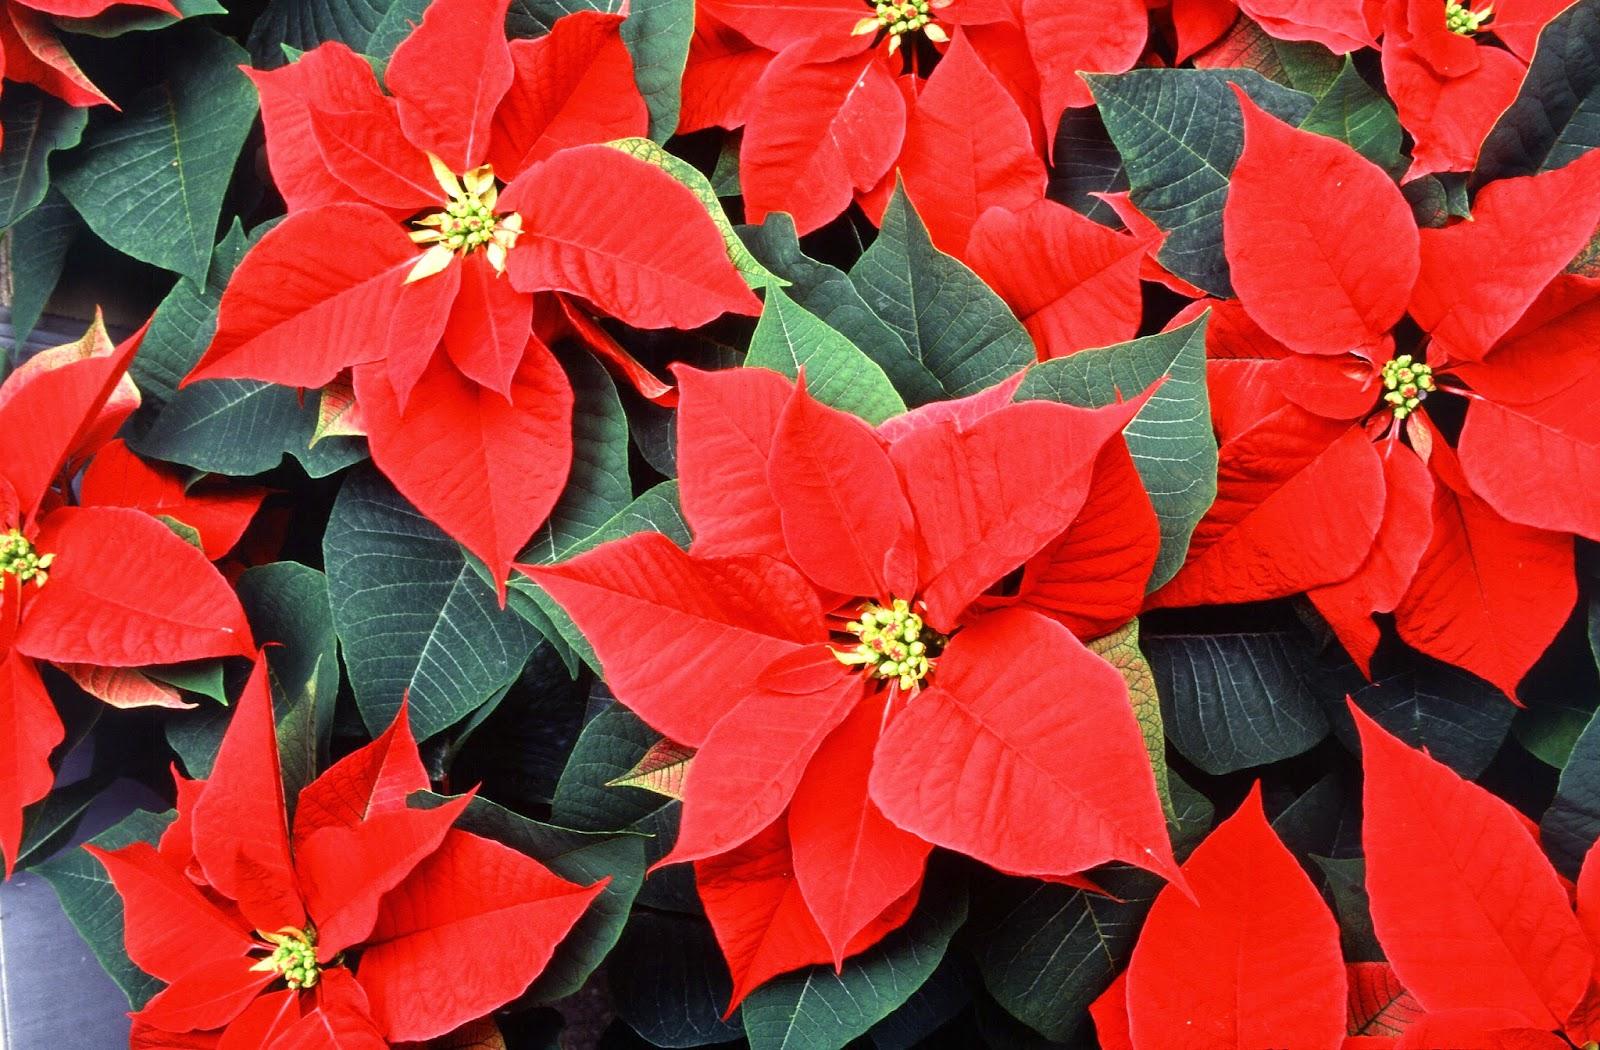 http://en.wikipedia.org/wiki/Euphorbia_subg._Poinsettia